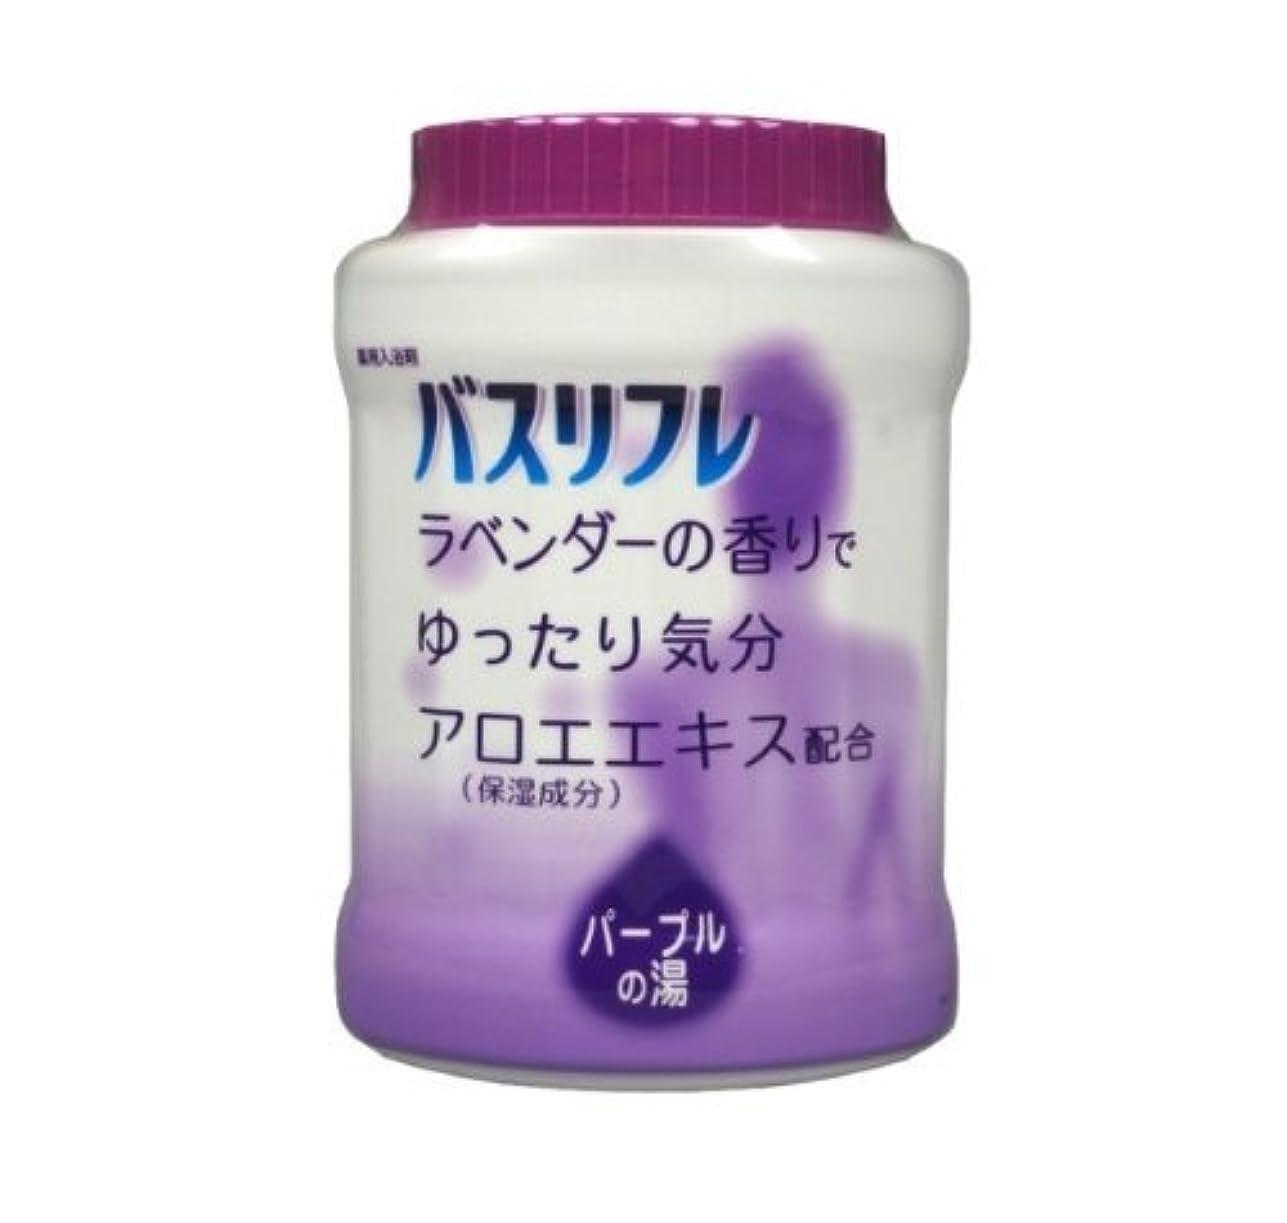 賄賂硬い受け入れバスリフレ 薬用入浴剤 ラベンダーの香り 680G Japan